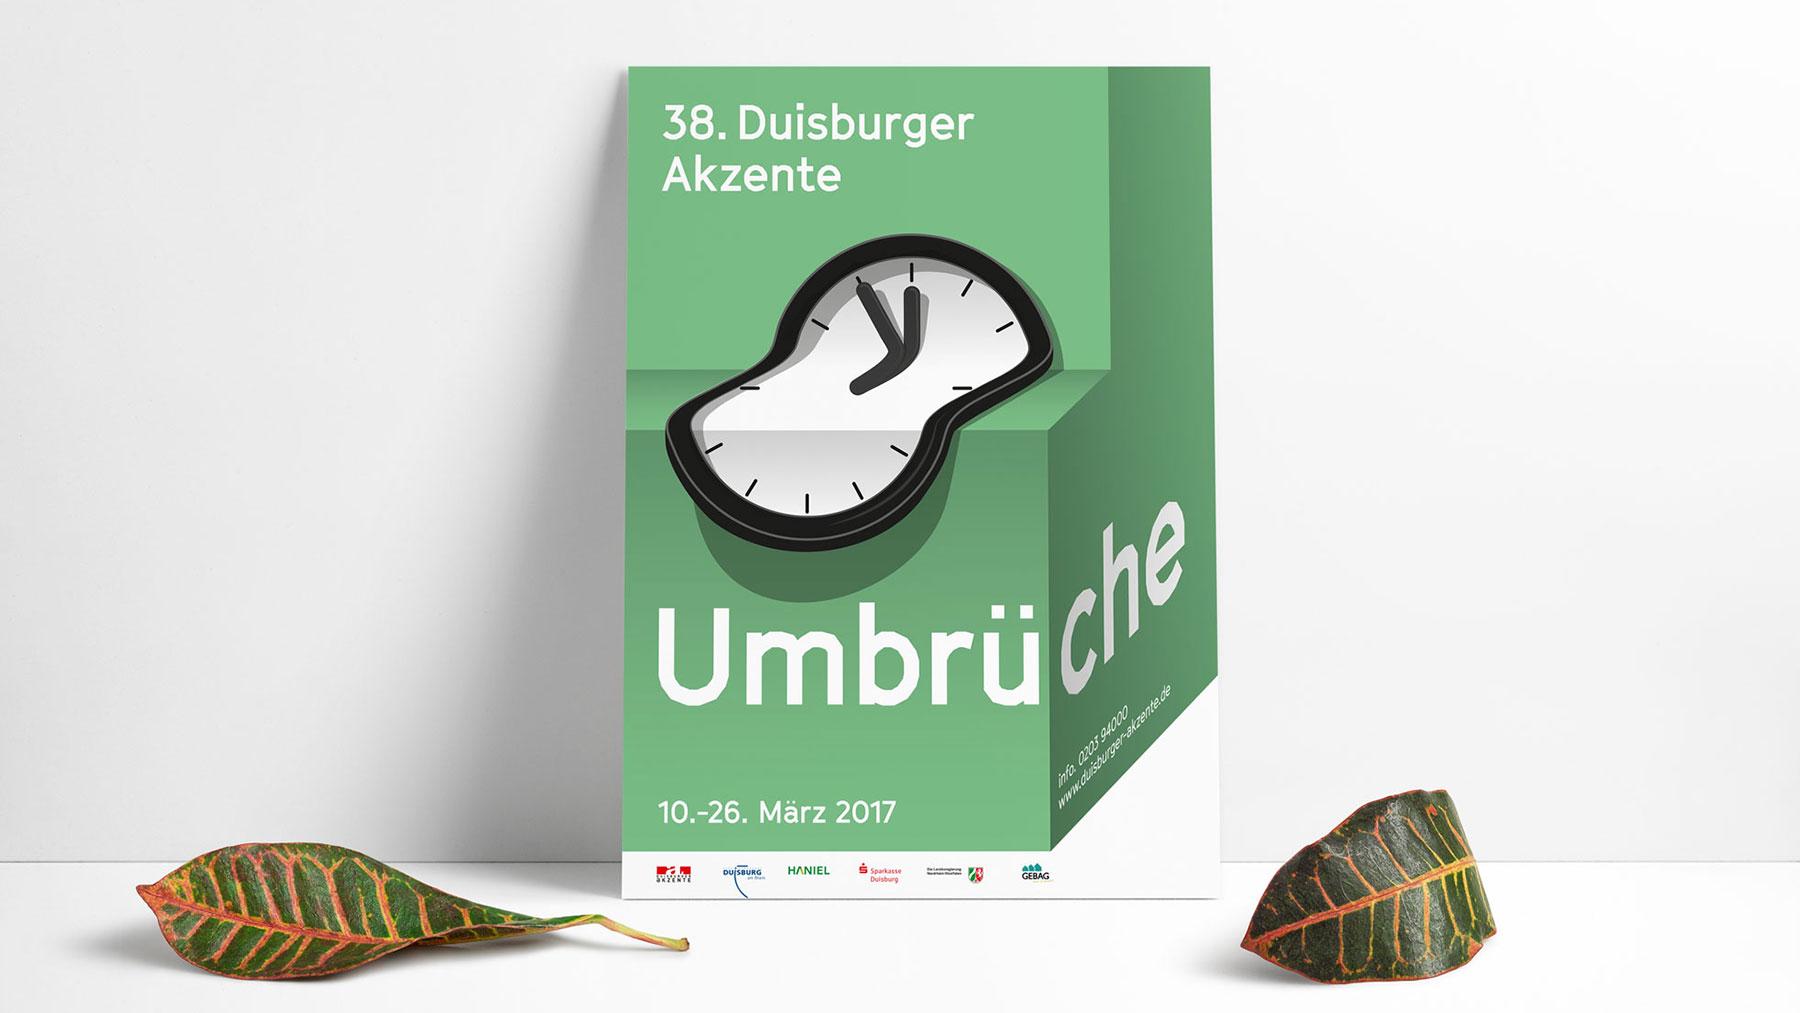 Duisburger_Akzente_2017_Plakat_4_b